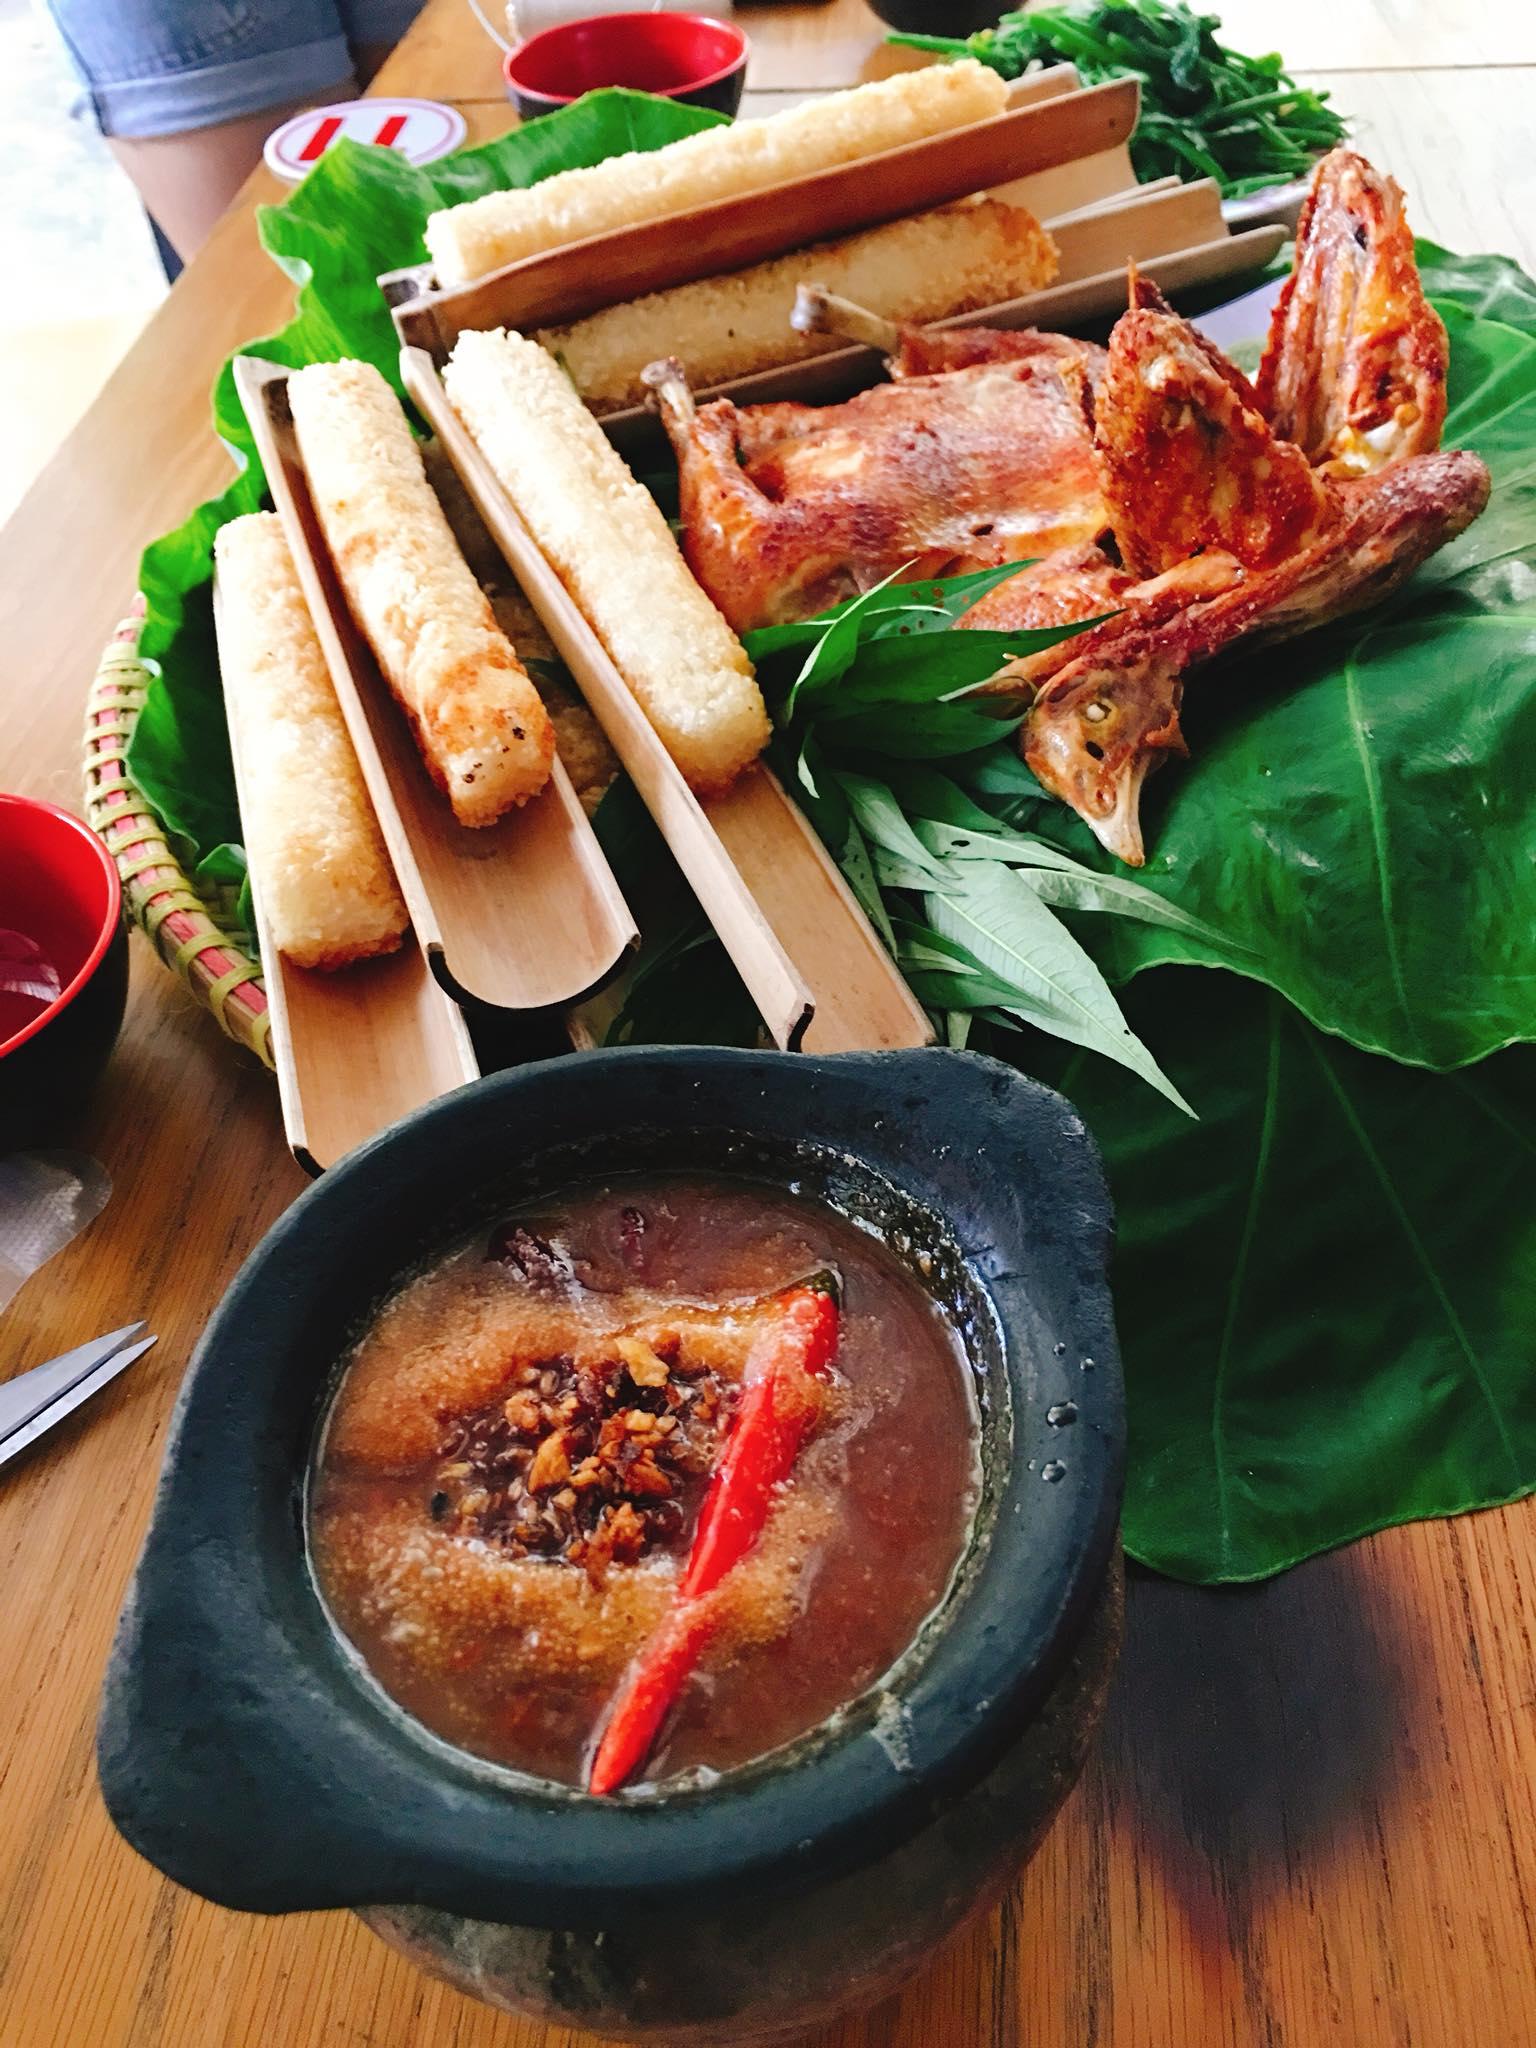 Cơm lam, thịt gà nướng thơm ngon, hấp dẫn tại làng.